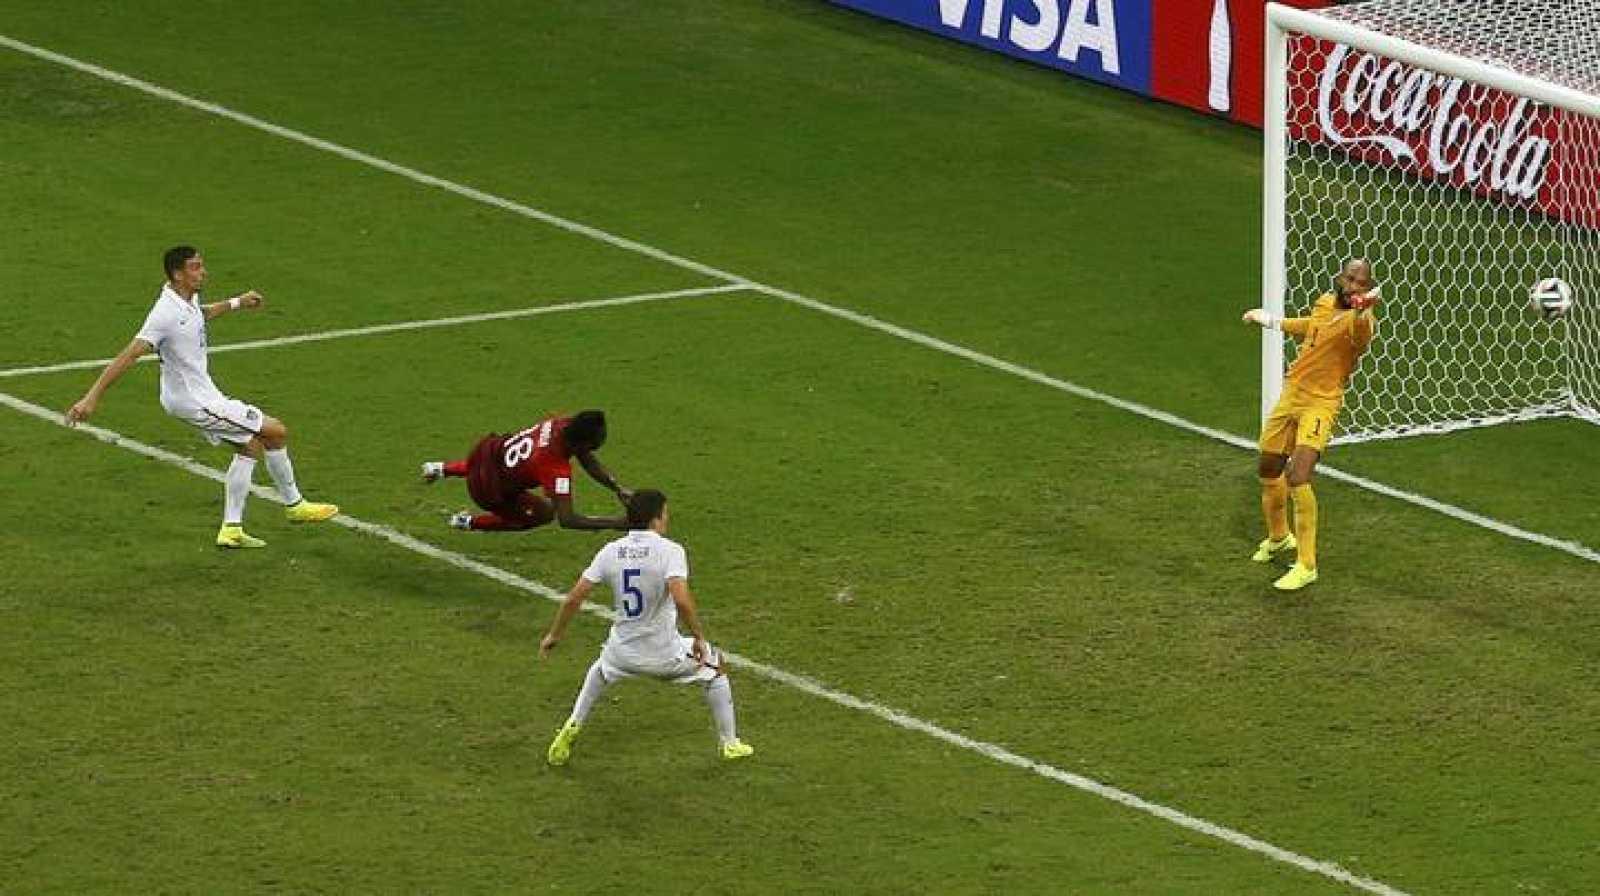 Momento en el que Varela marca el gol del empate (2-2) para Portugal.